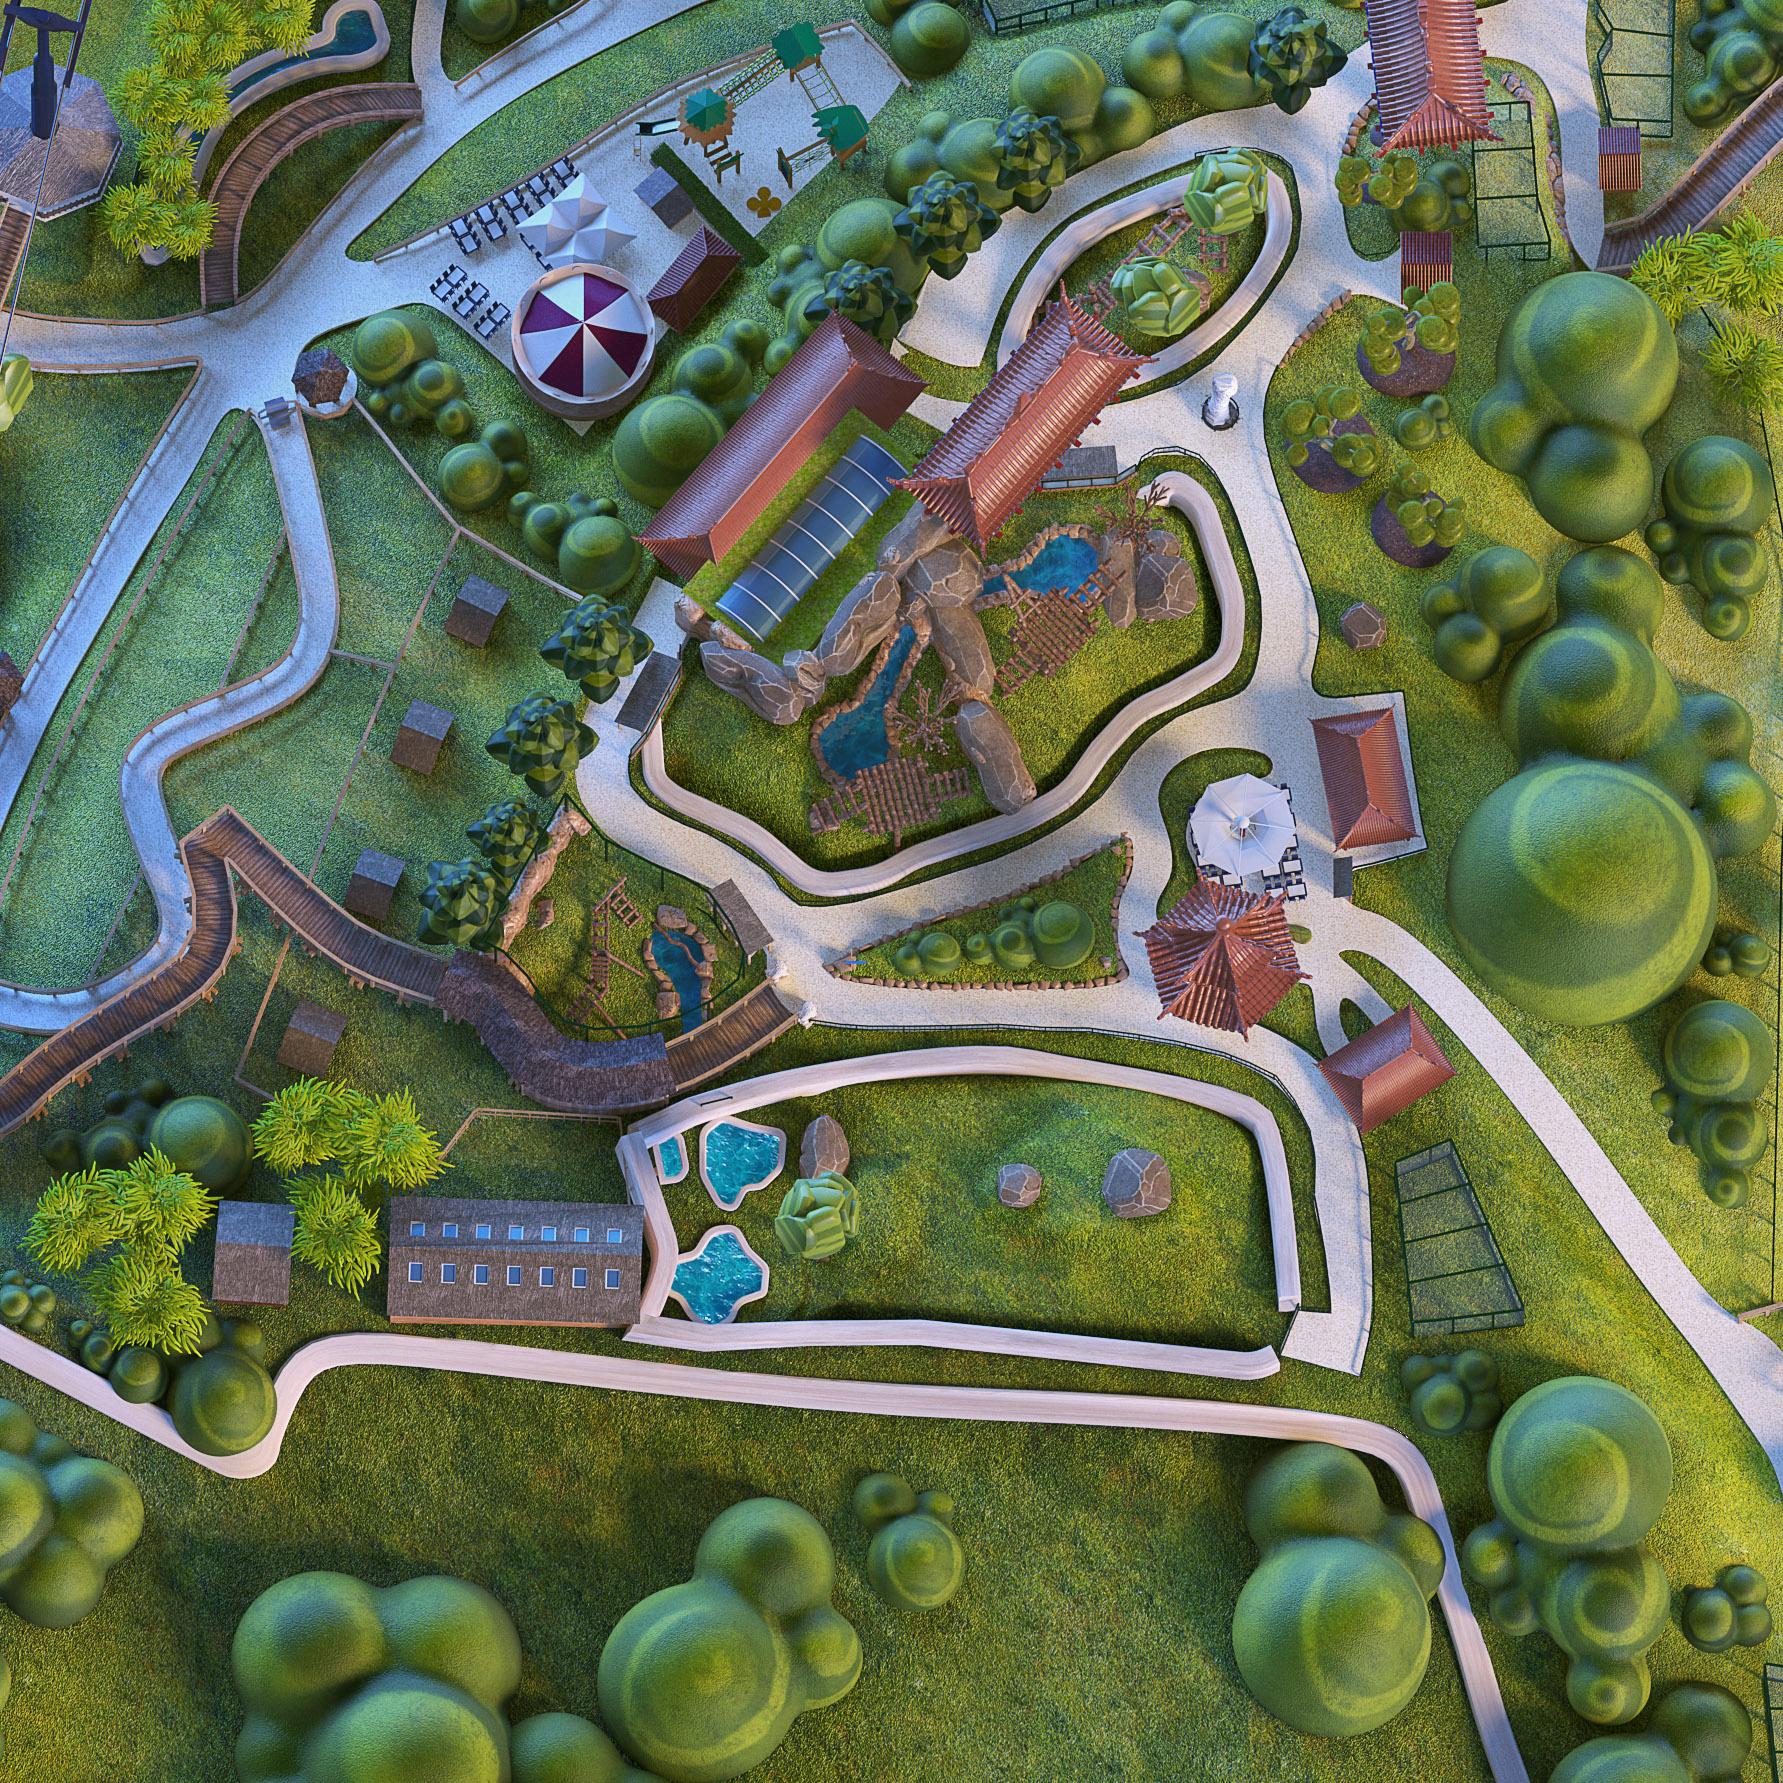 GALERIE-Dripmoon-Studio-3D-Tours-Motion-design-Zooparc-de-Beauval-Plan-du-parc 3